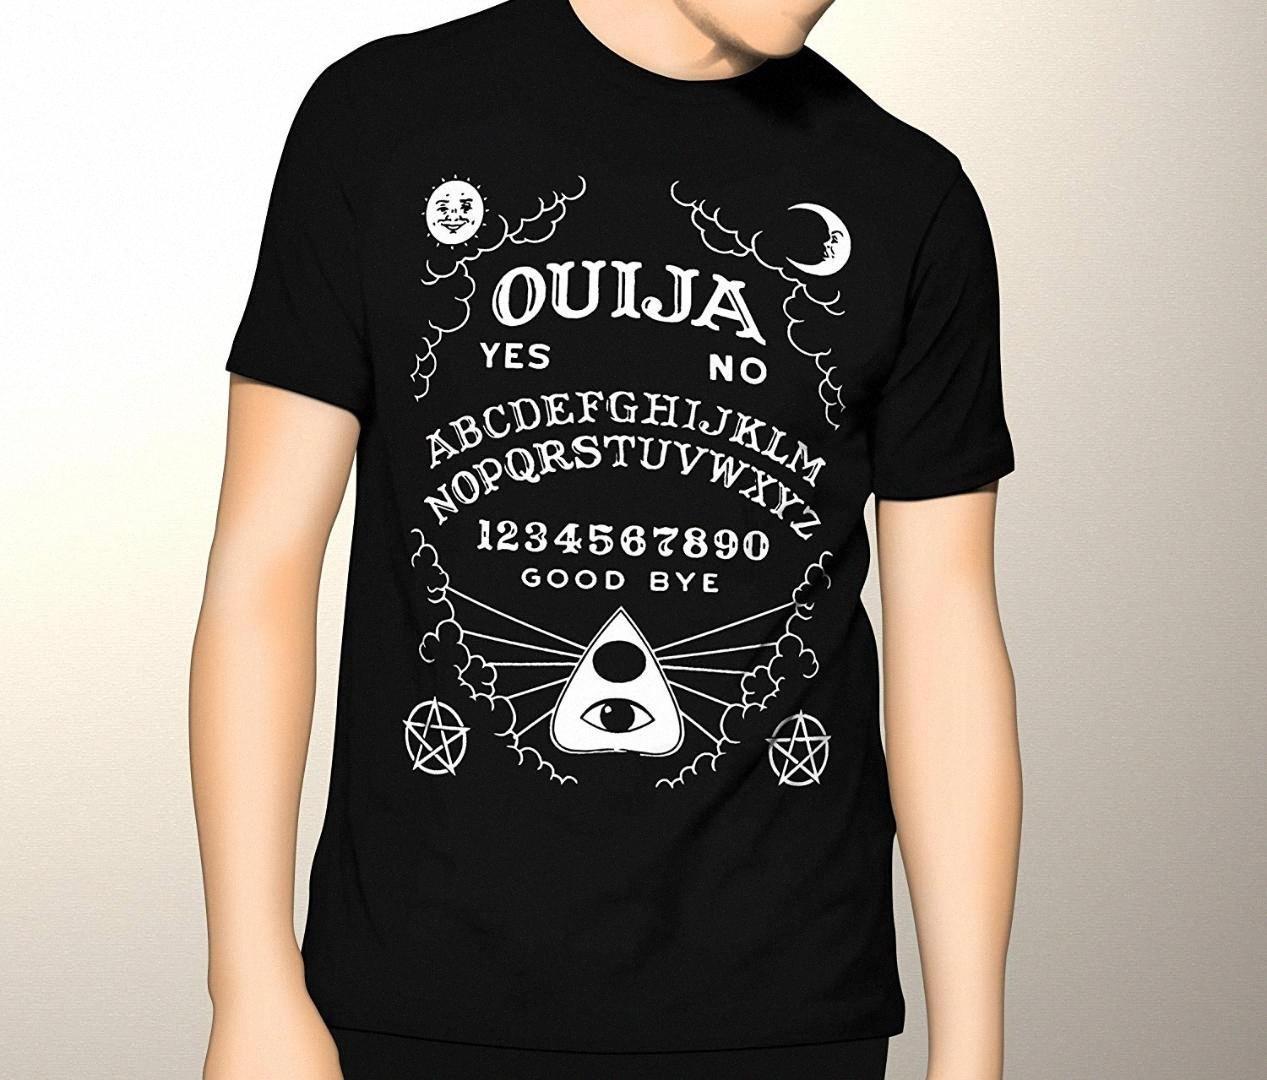 Oculto, Ouija, gráfico T camisa de la manera camisetas de algodón camisetas frescas divertido T Shirts Gráfico SGwM #